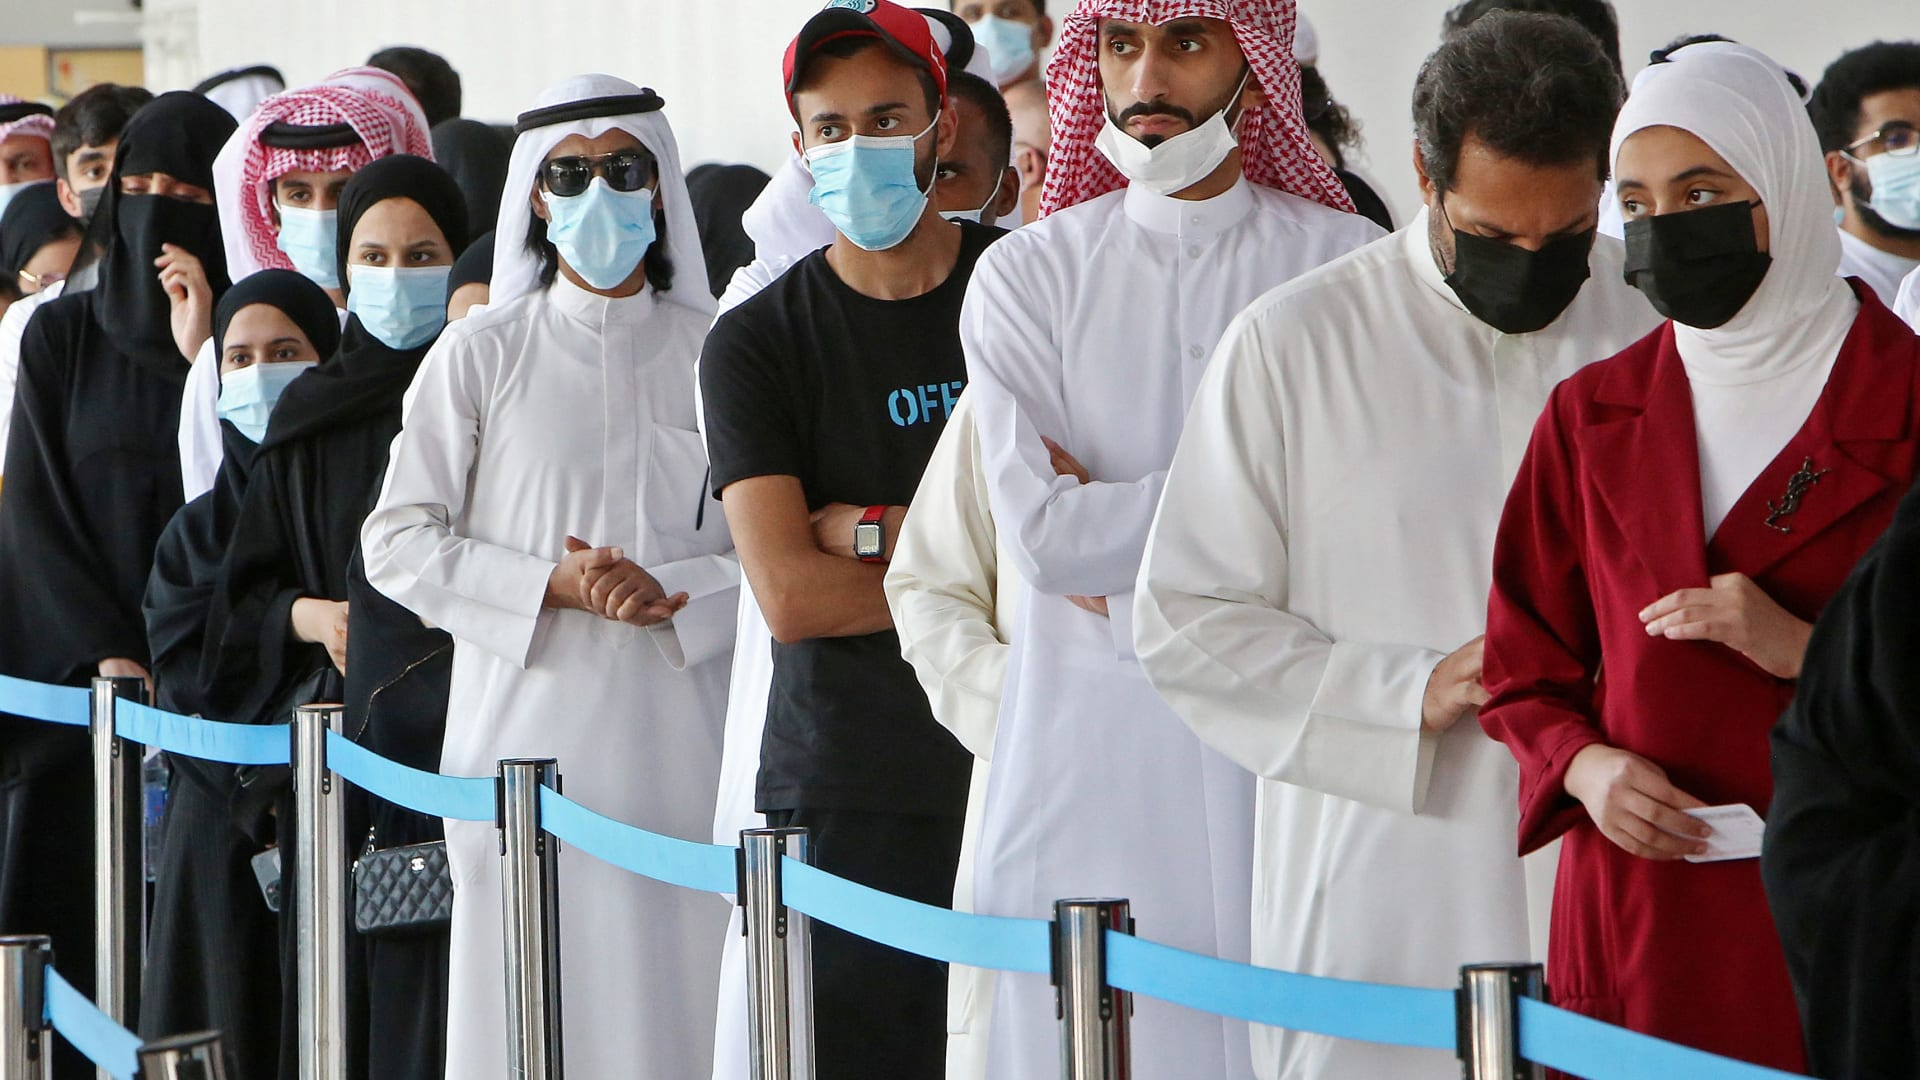 ما هي تصنيف الدول العربية من حيث مخاطر السفر بسبب كورونا؟